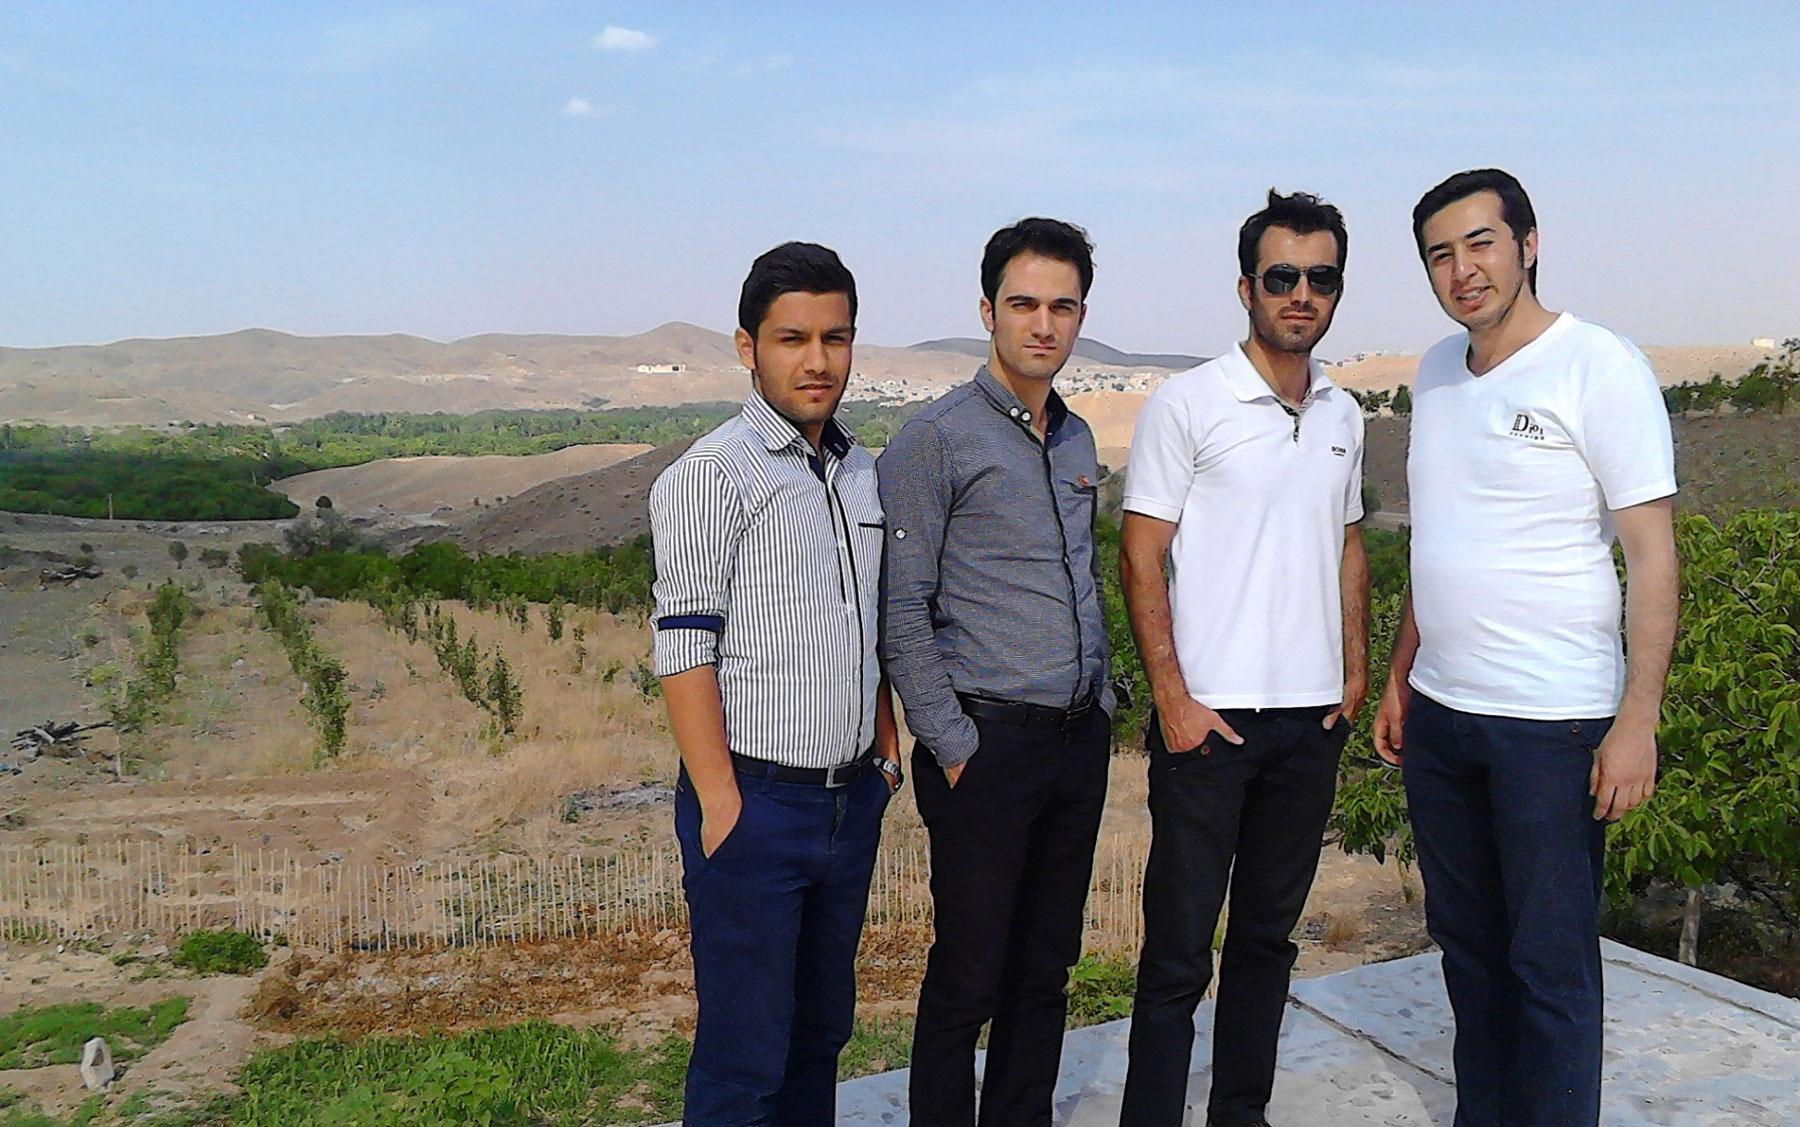 اسماعیل بهشتی، باغ بهادران 94